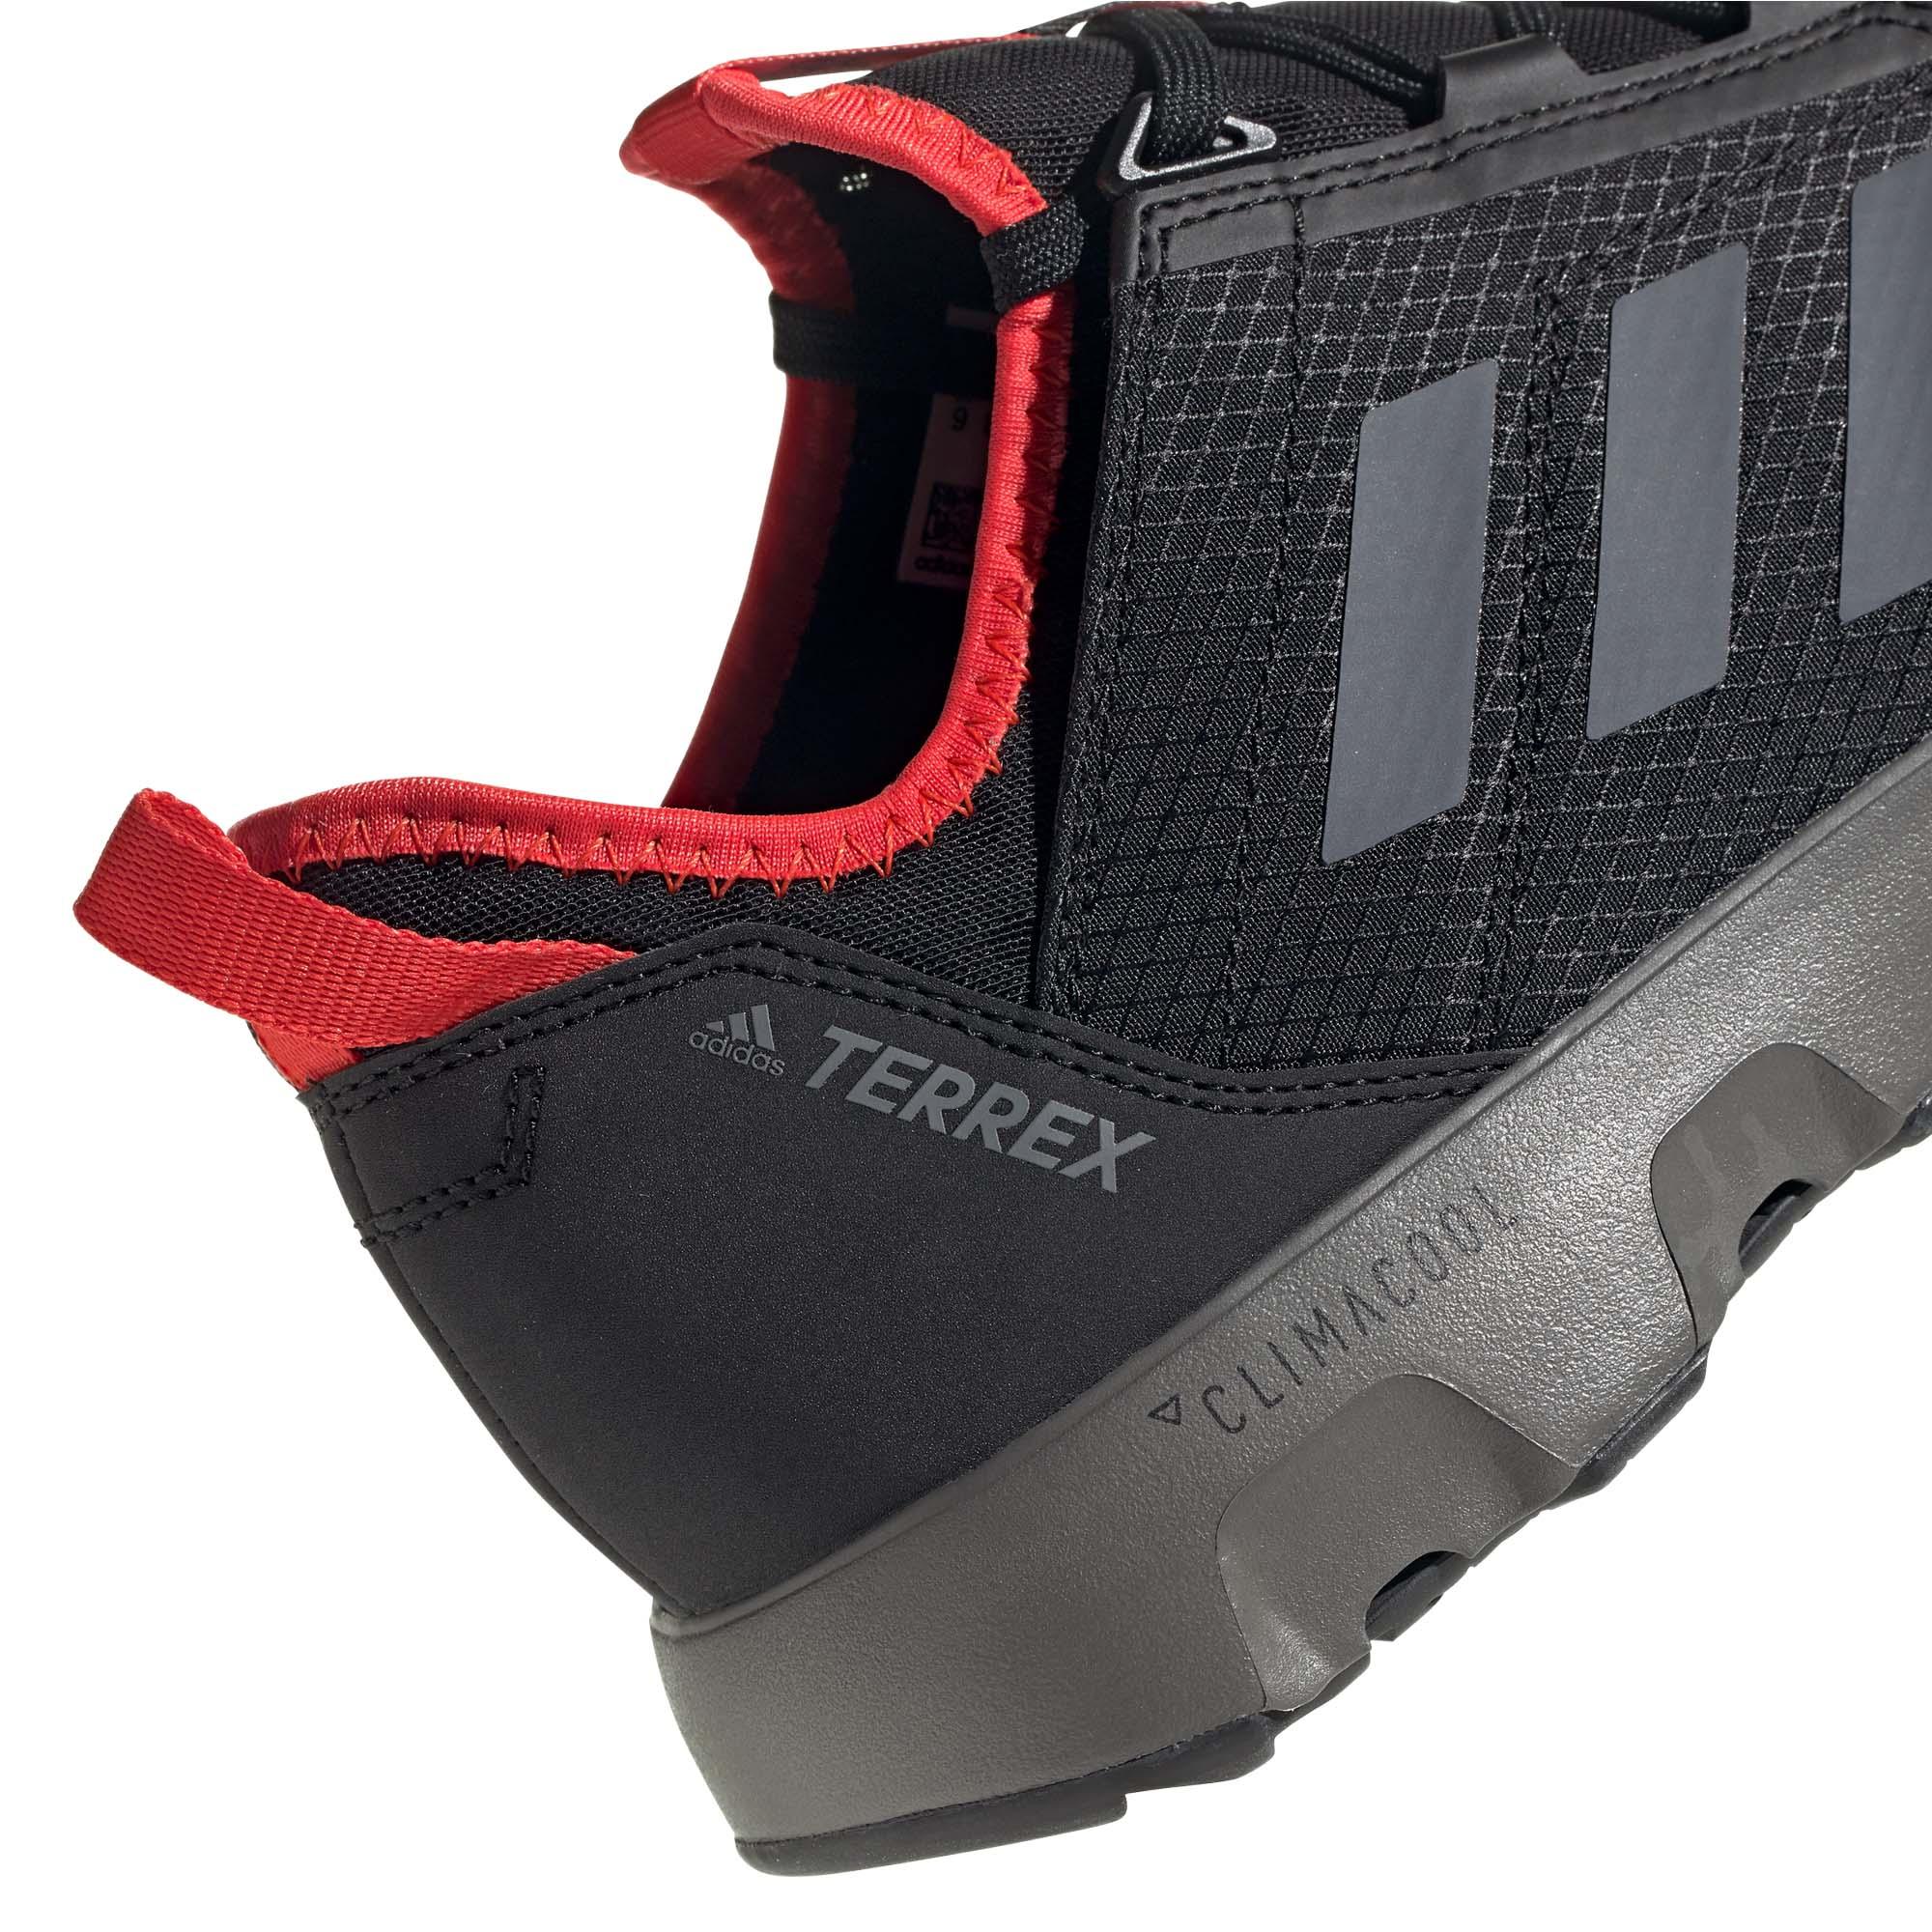 miniatura 9 - ADIDAS Terrex VOYAGER Velocità Da Uomo Scarpa Trail Running Scarpe da ginnastica nero/grigio/rosso